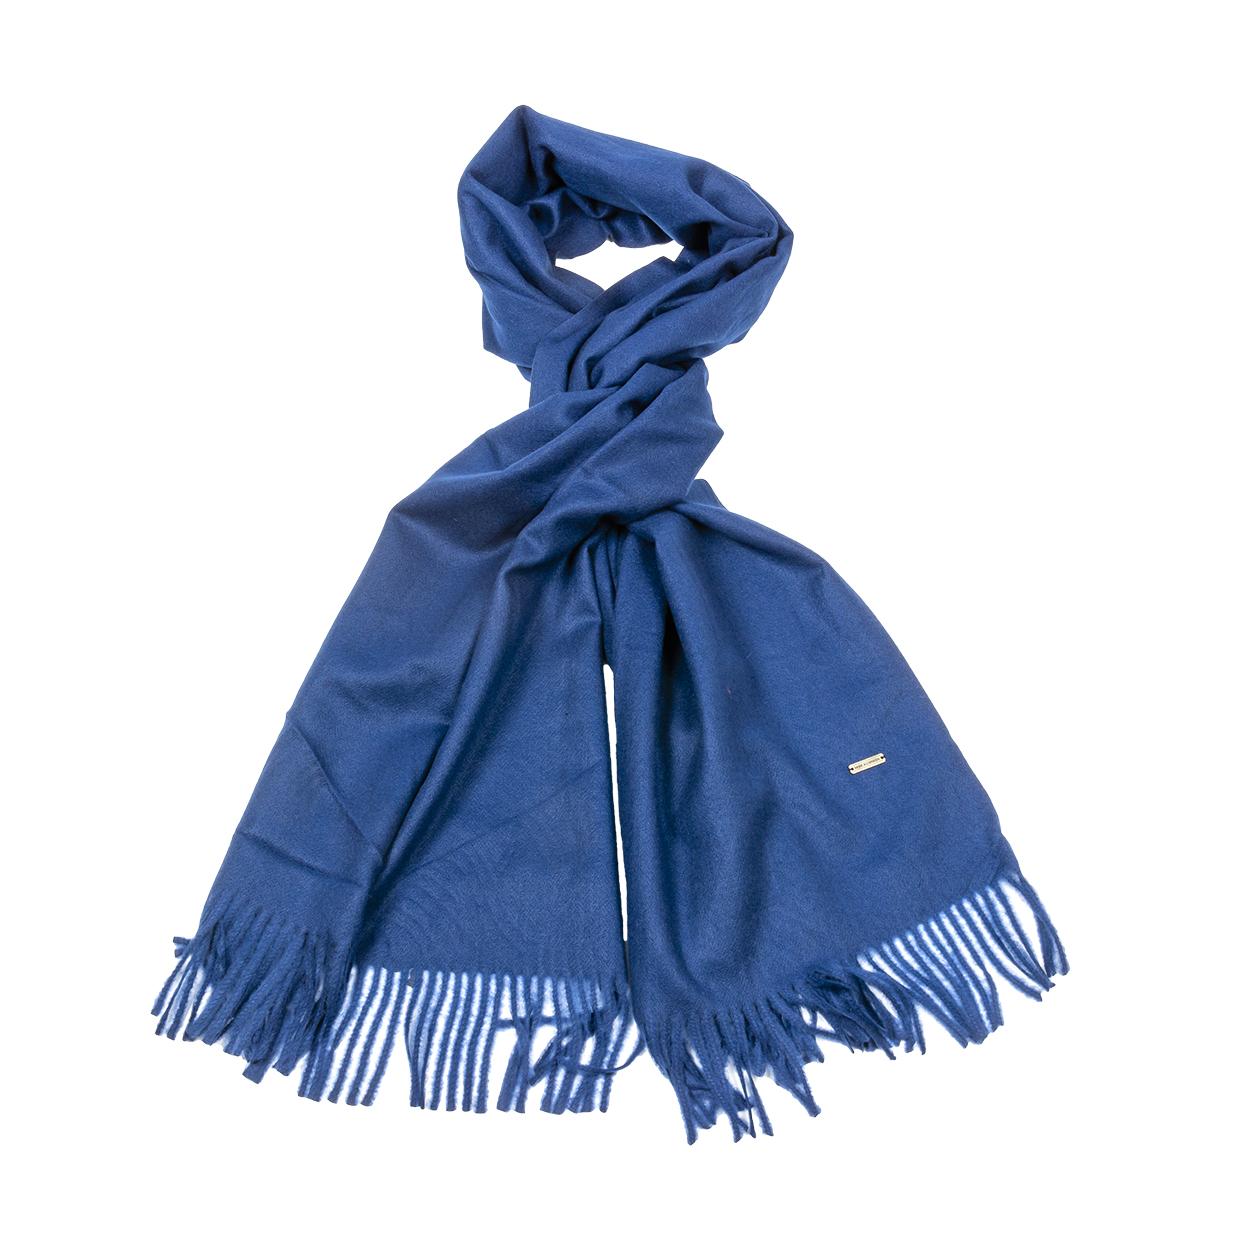 Echarpe  occitan bleu marine